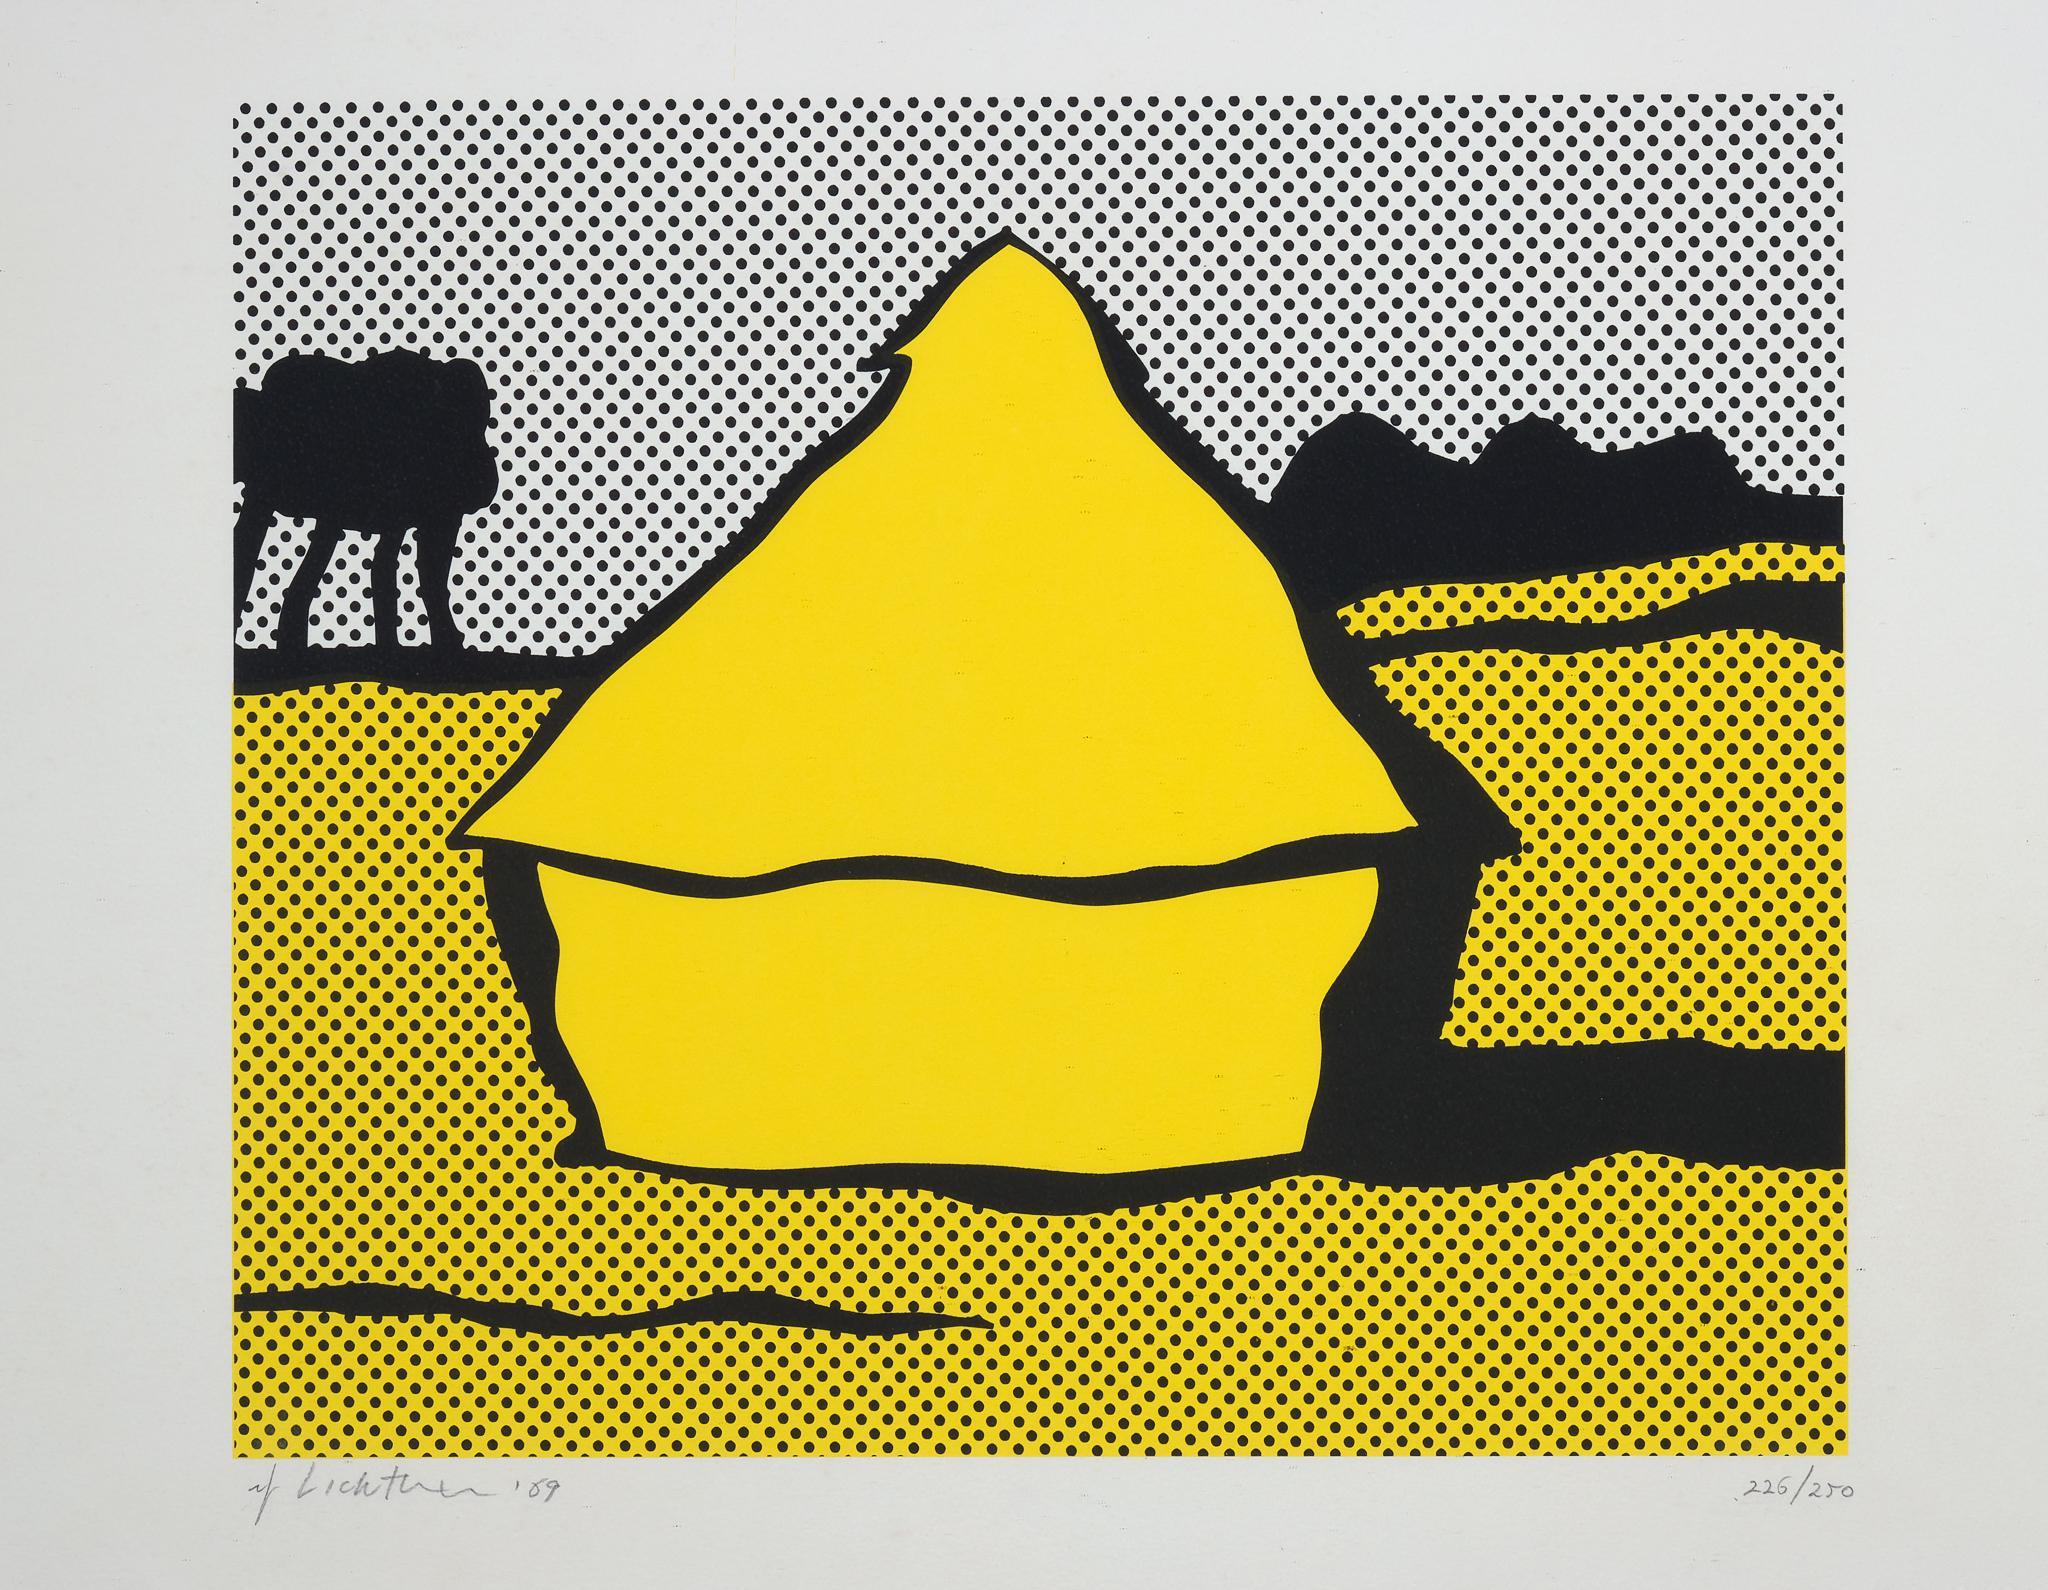 Haystack - Roy Lichtenstein - Pop art